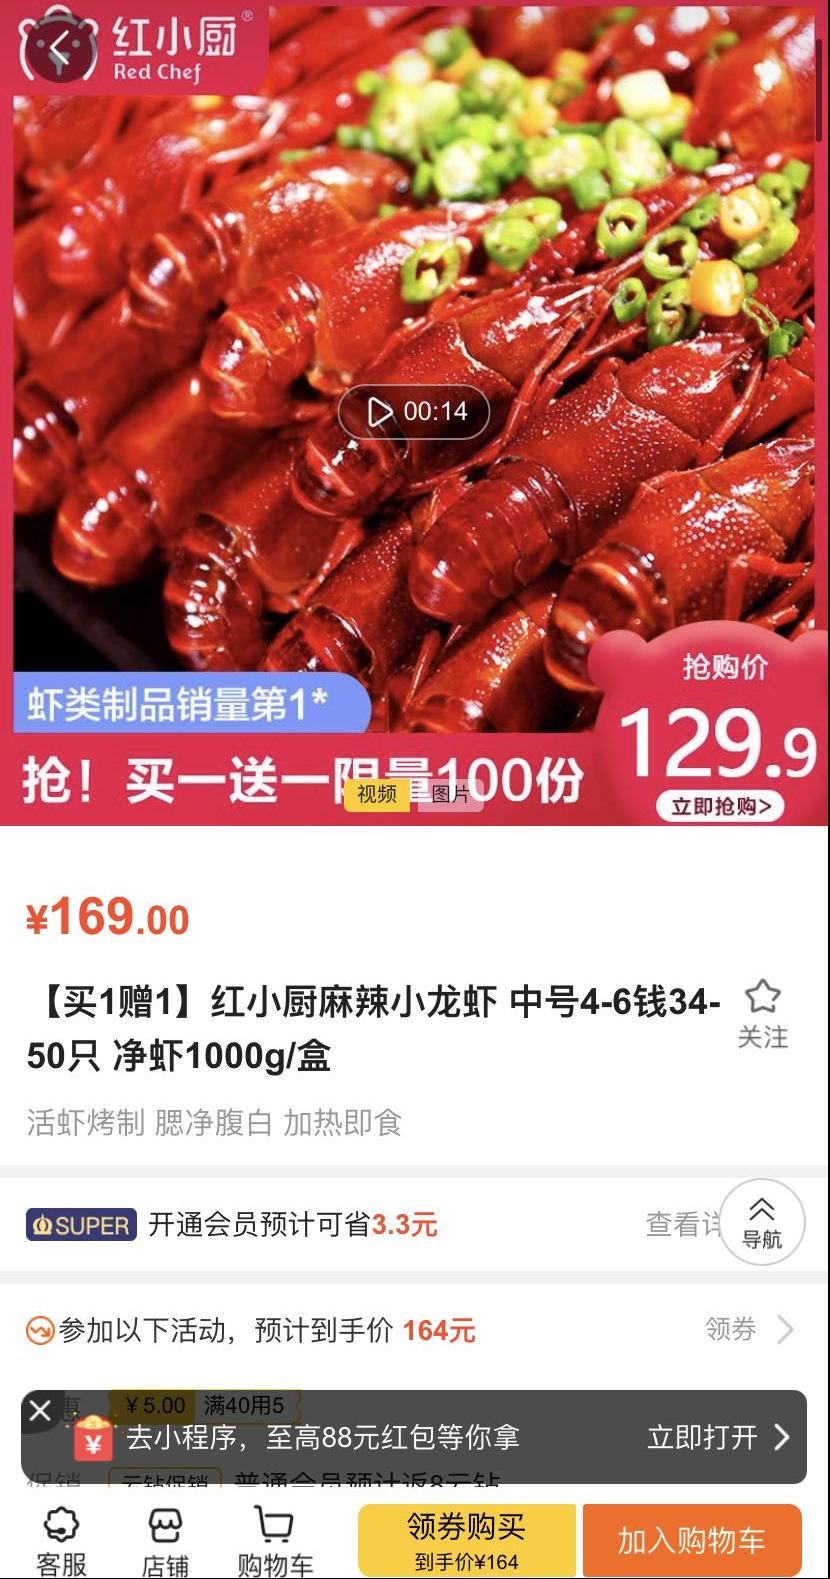 赢咖3官网注册:苏宁易购给吃货准备五一惊喜,一站式买齐全国特产美食(图3)